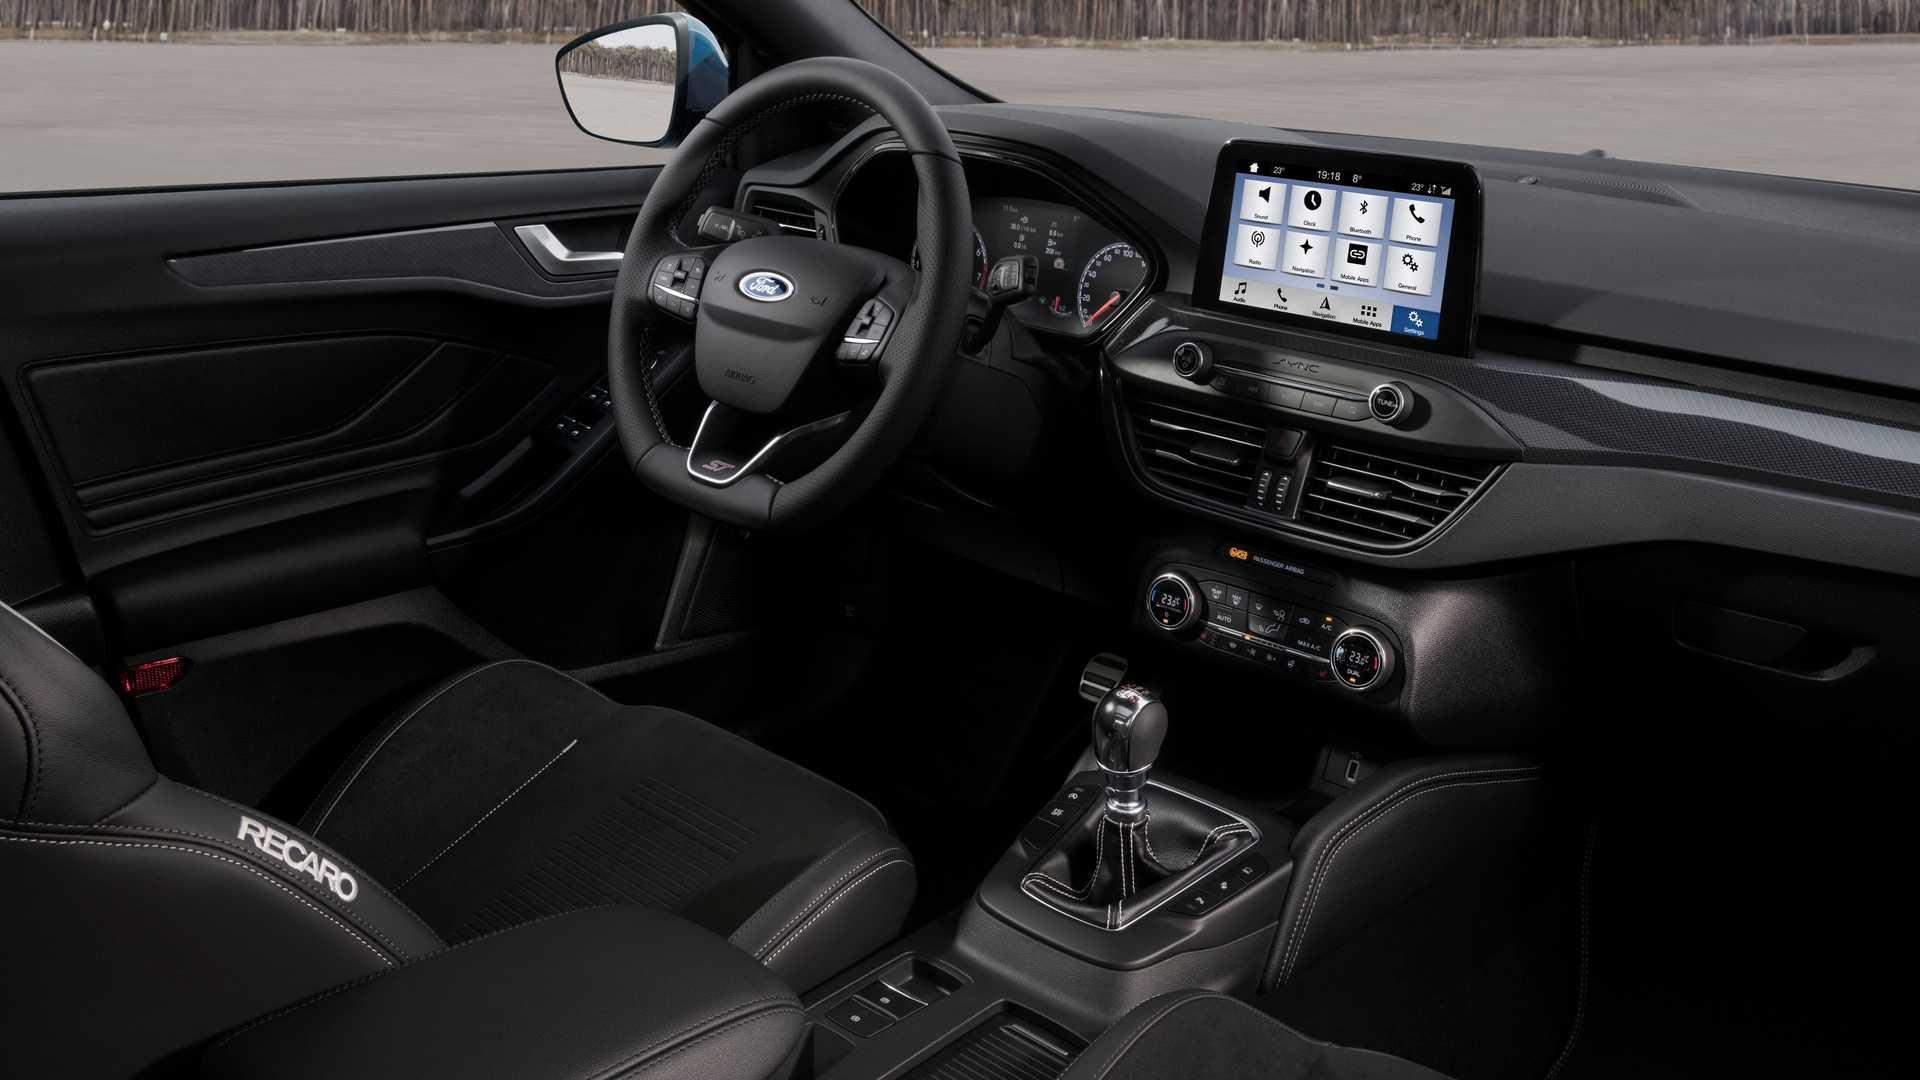 2019 Ford Focus ST Interior